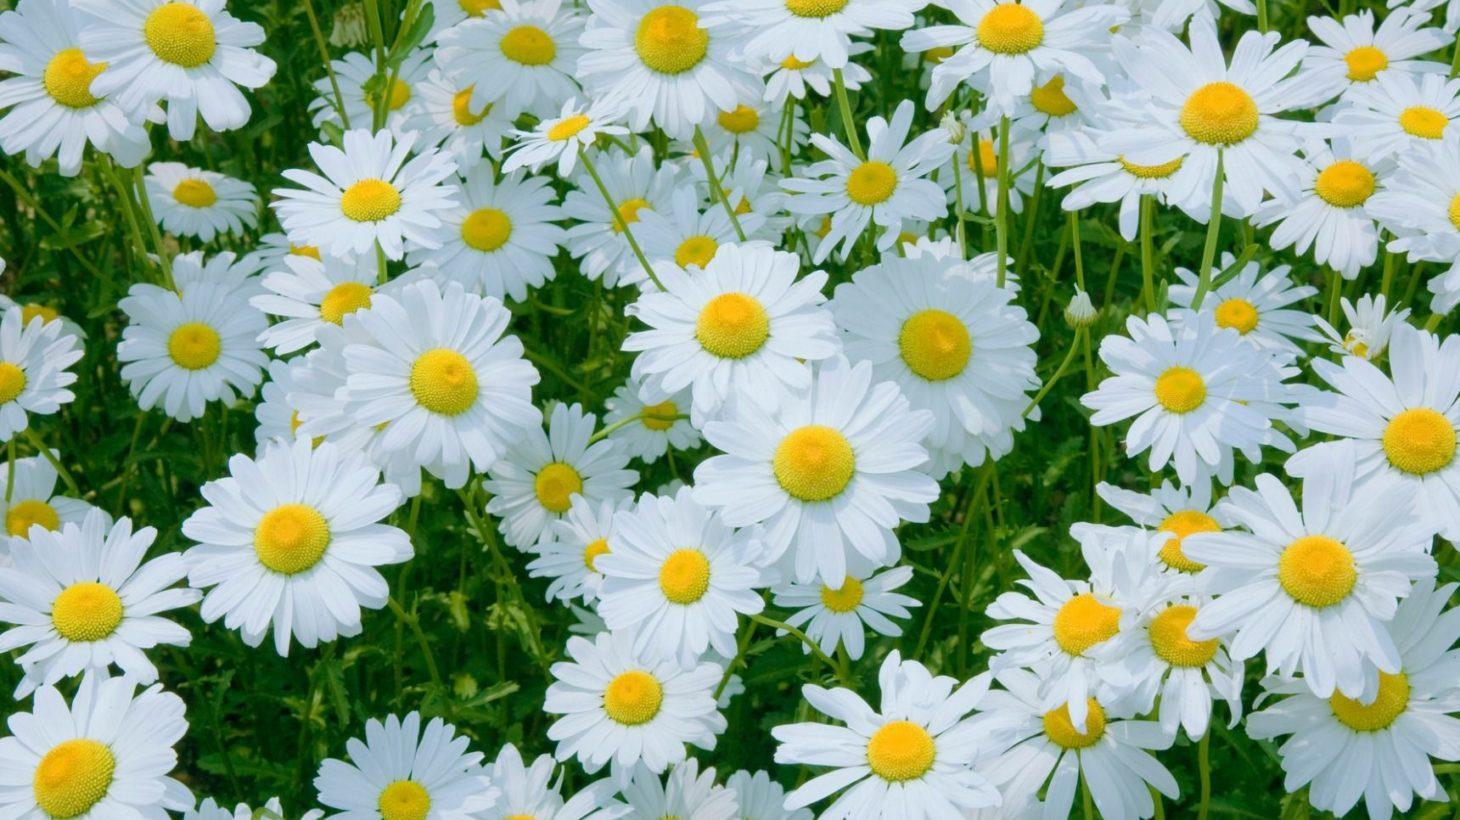 マーガレットに託したメッセージ! 花言葉や花名の由来、英語名を紹介 ...